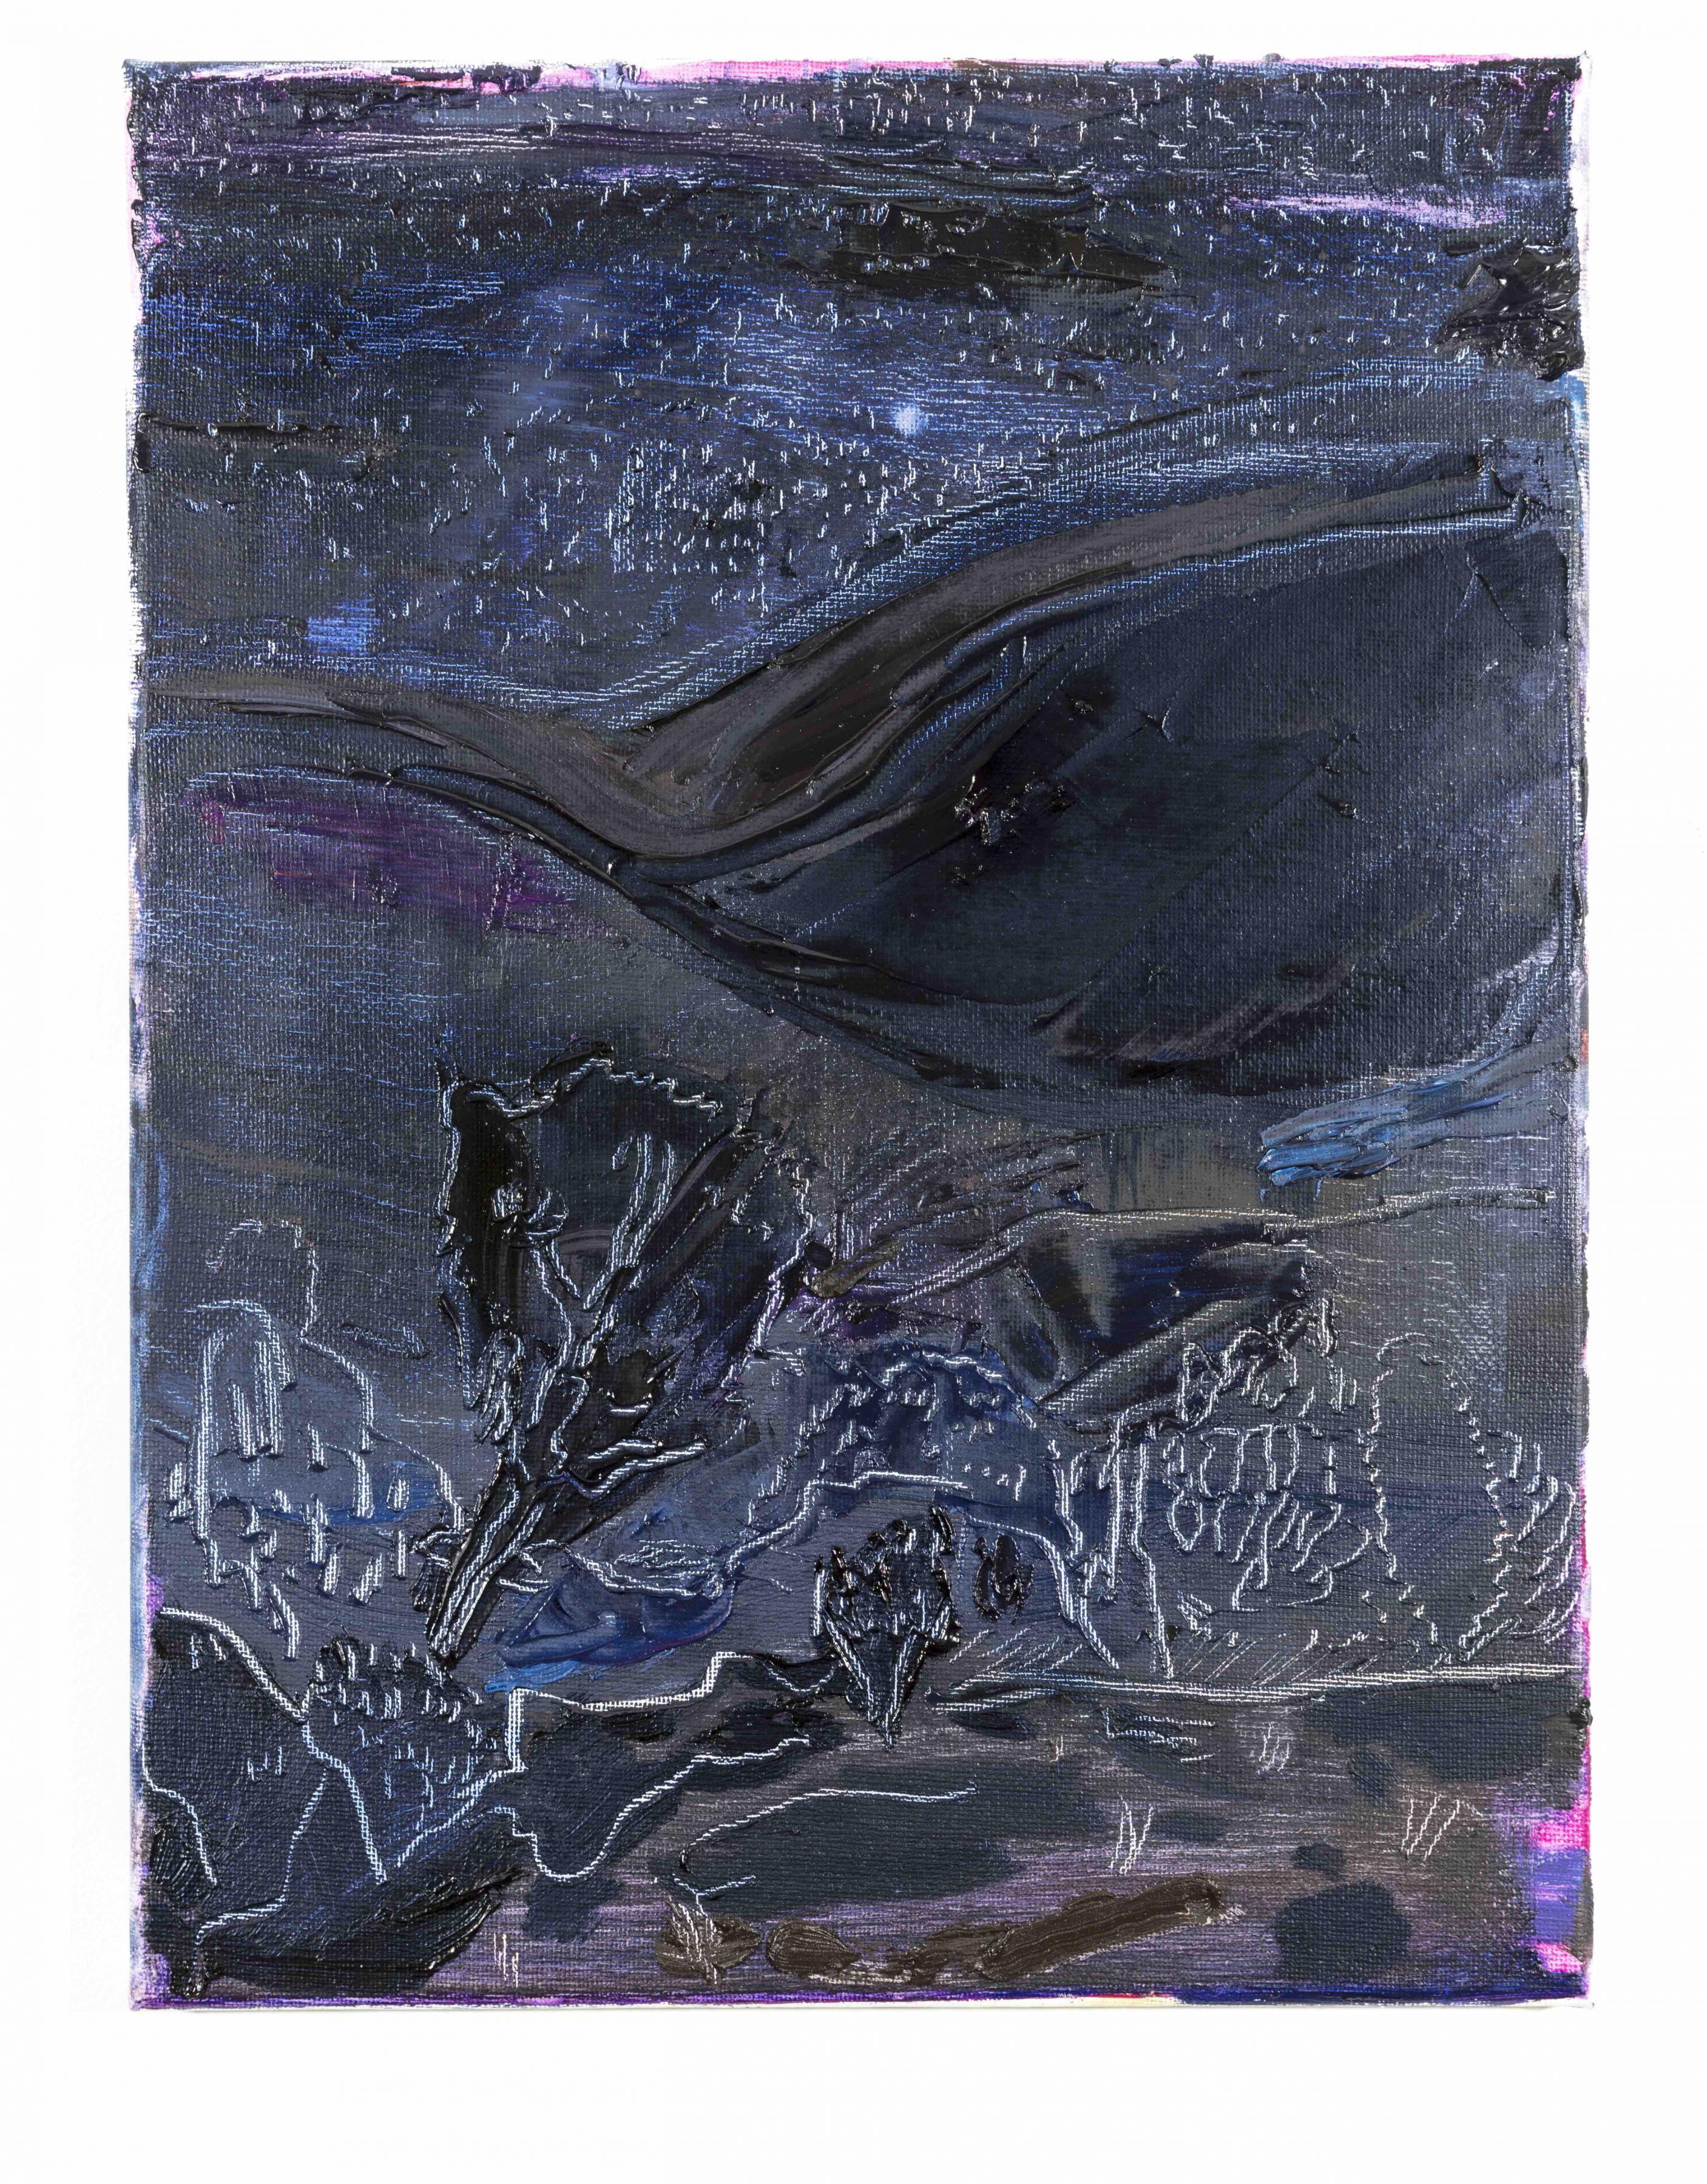 LISA SANDITZ, Landscape Color Study 21, 2019